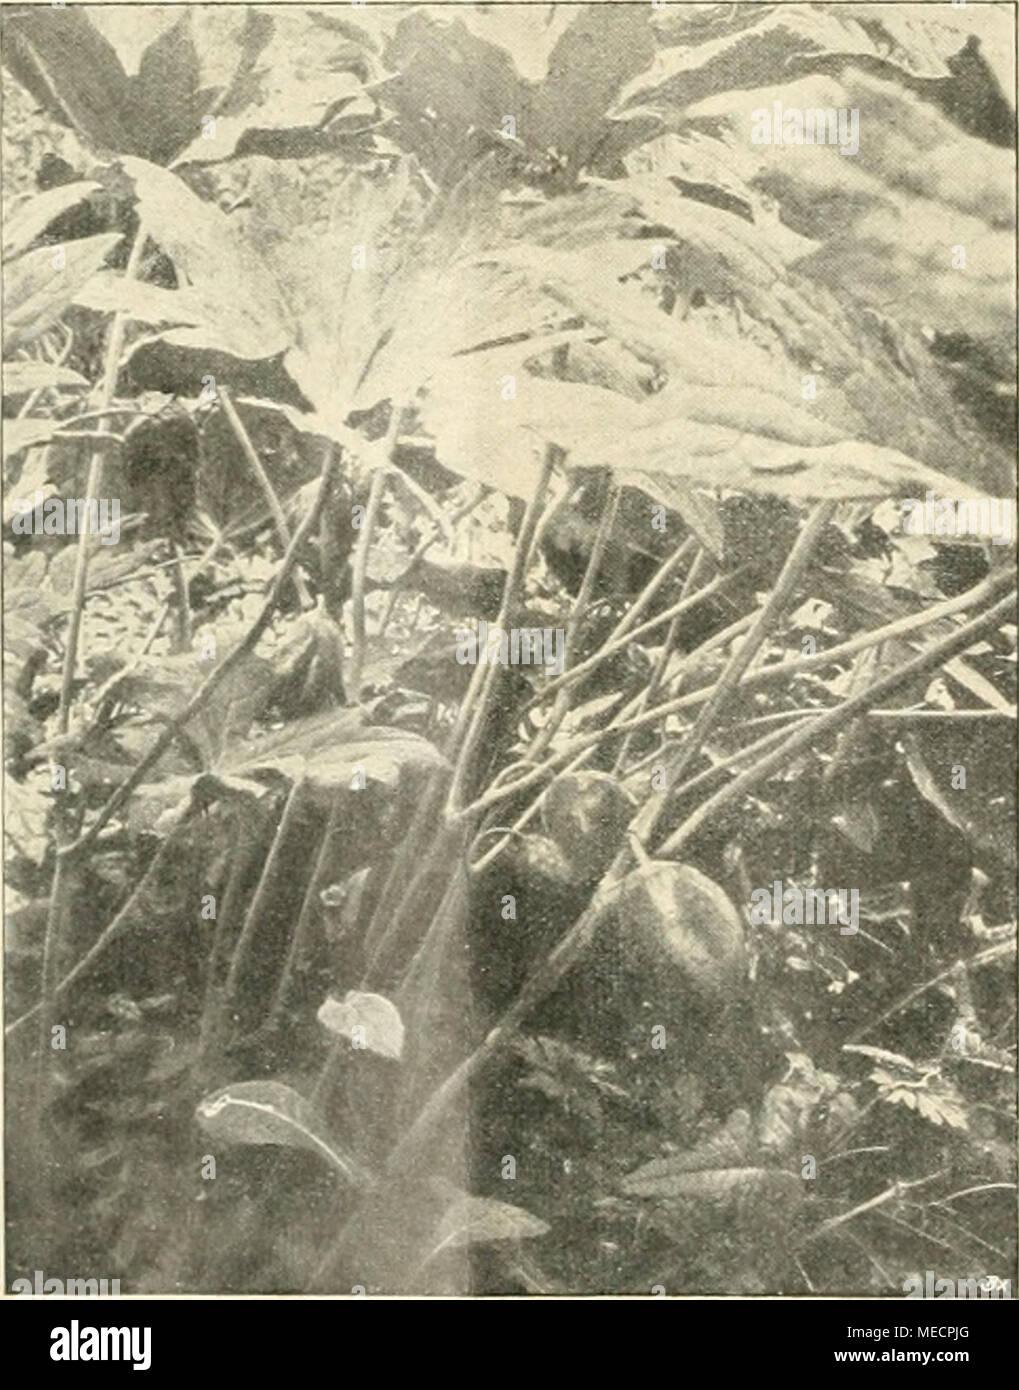 . Die Gartenwelt . Podophyllum Emodi majus. sitzen die Beeren doch einen so starken Geschmack, daß Unberufene von selbst die Finger davon lassen. Ein heimisches, aber ebenfalls giftiges Pflänzchen aus der Familie der Liliaceen ist die Ein- beere, Paris quadrifolia. Die aufrechten Stengel tragen quirlständige ei-ellip- tische Blätter, zwischen denen die ein- zelnen grünlichen, unscheinbaren Blüten stehen, denen später die schwarzen Früchte folgen. Mit Massen in halb- schattiger Stelle im Park, in humosem, lockerem Boden im Vereine mit Ma- janthemum bifolium, dem ebenfalls heimischen Schattenblü - Stock Image